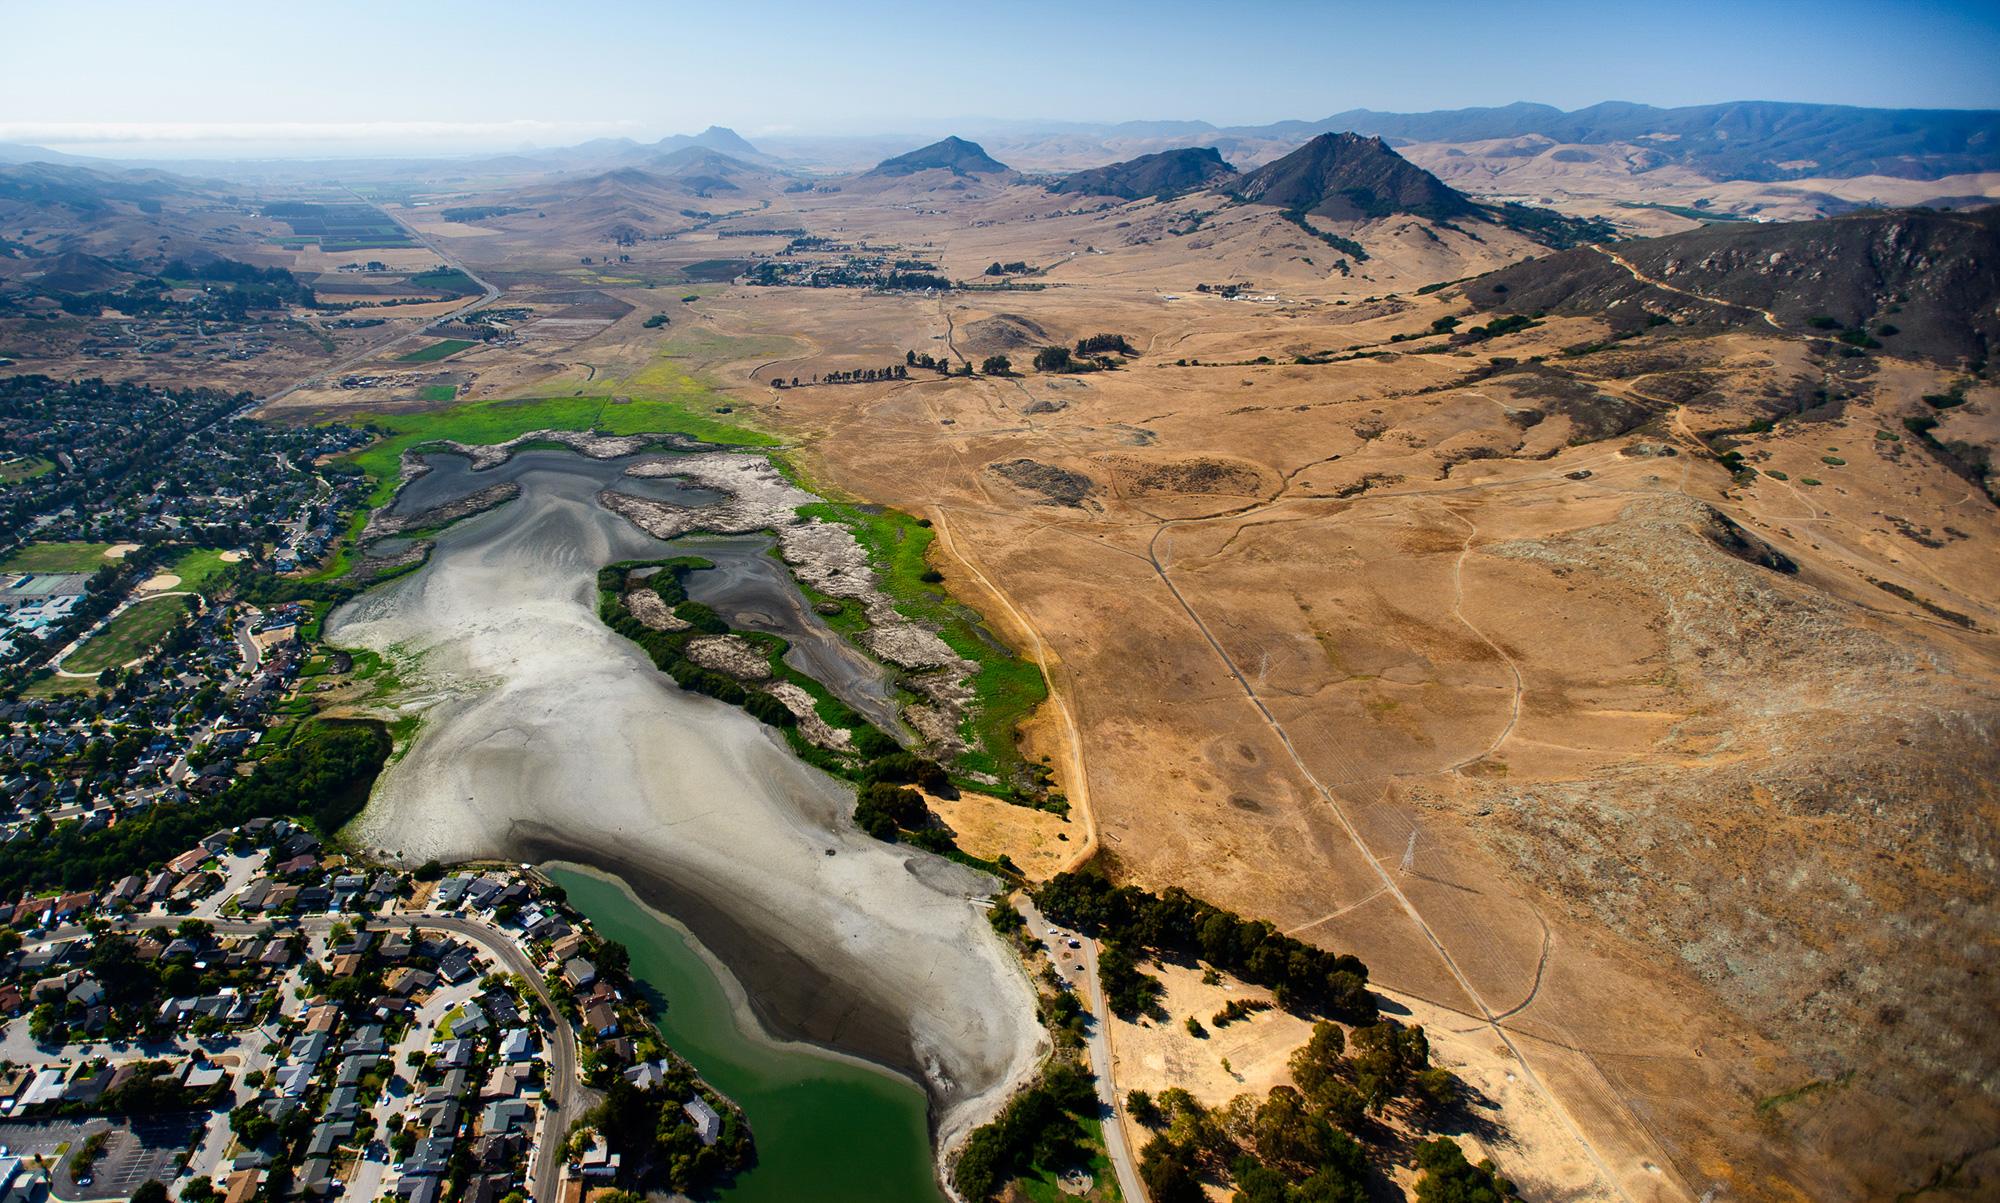 laguna_lake_aerial_brittany_app.jpg